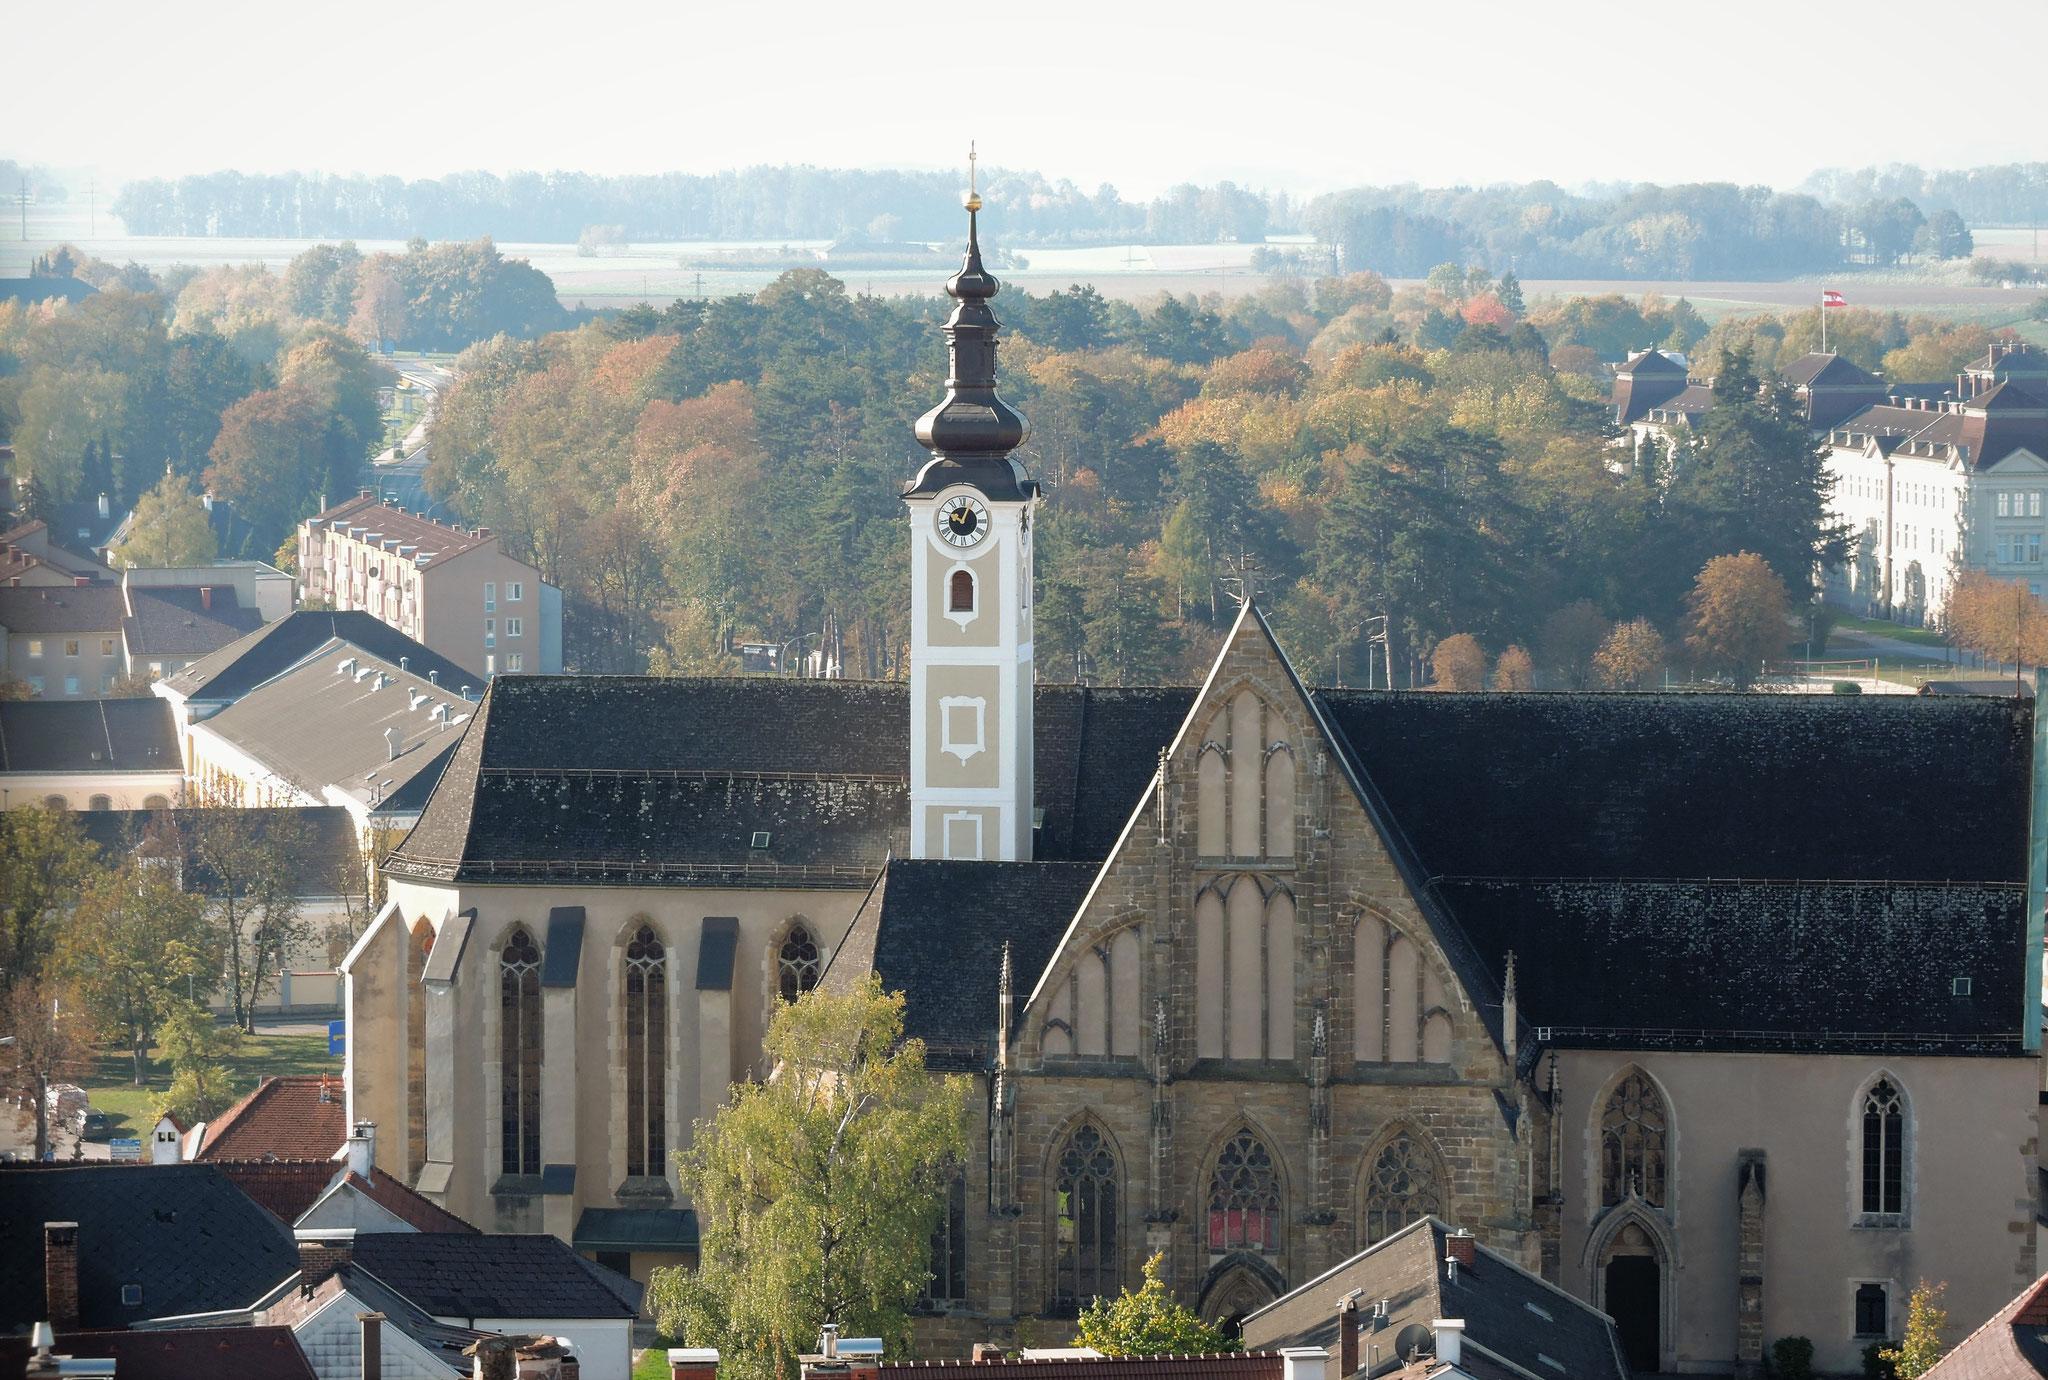 Die architektonisch interessante gotische Stadtpfarrkirche ©B. Bichler